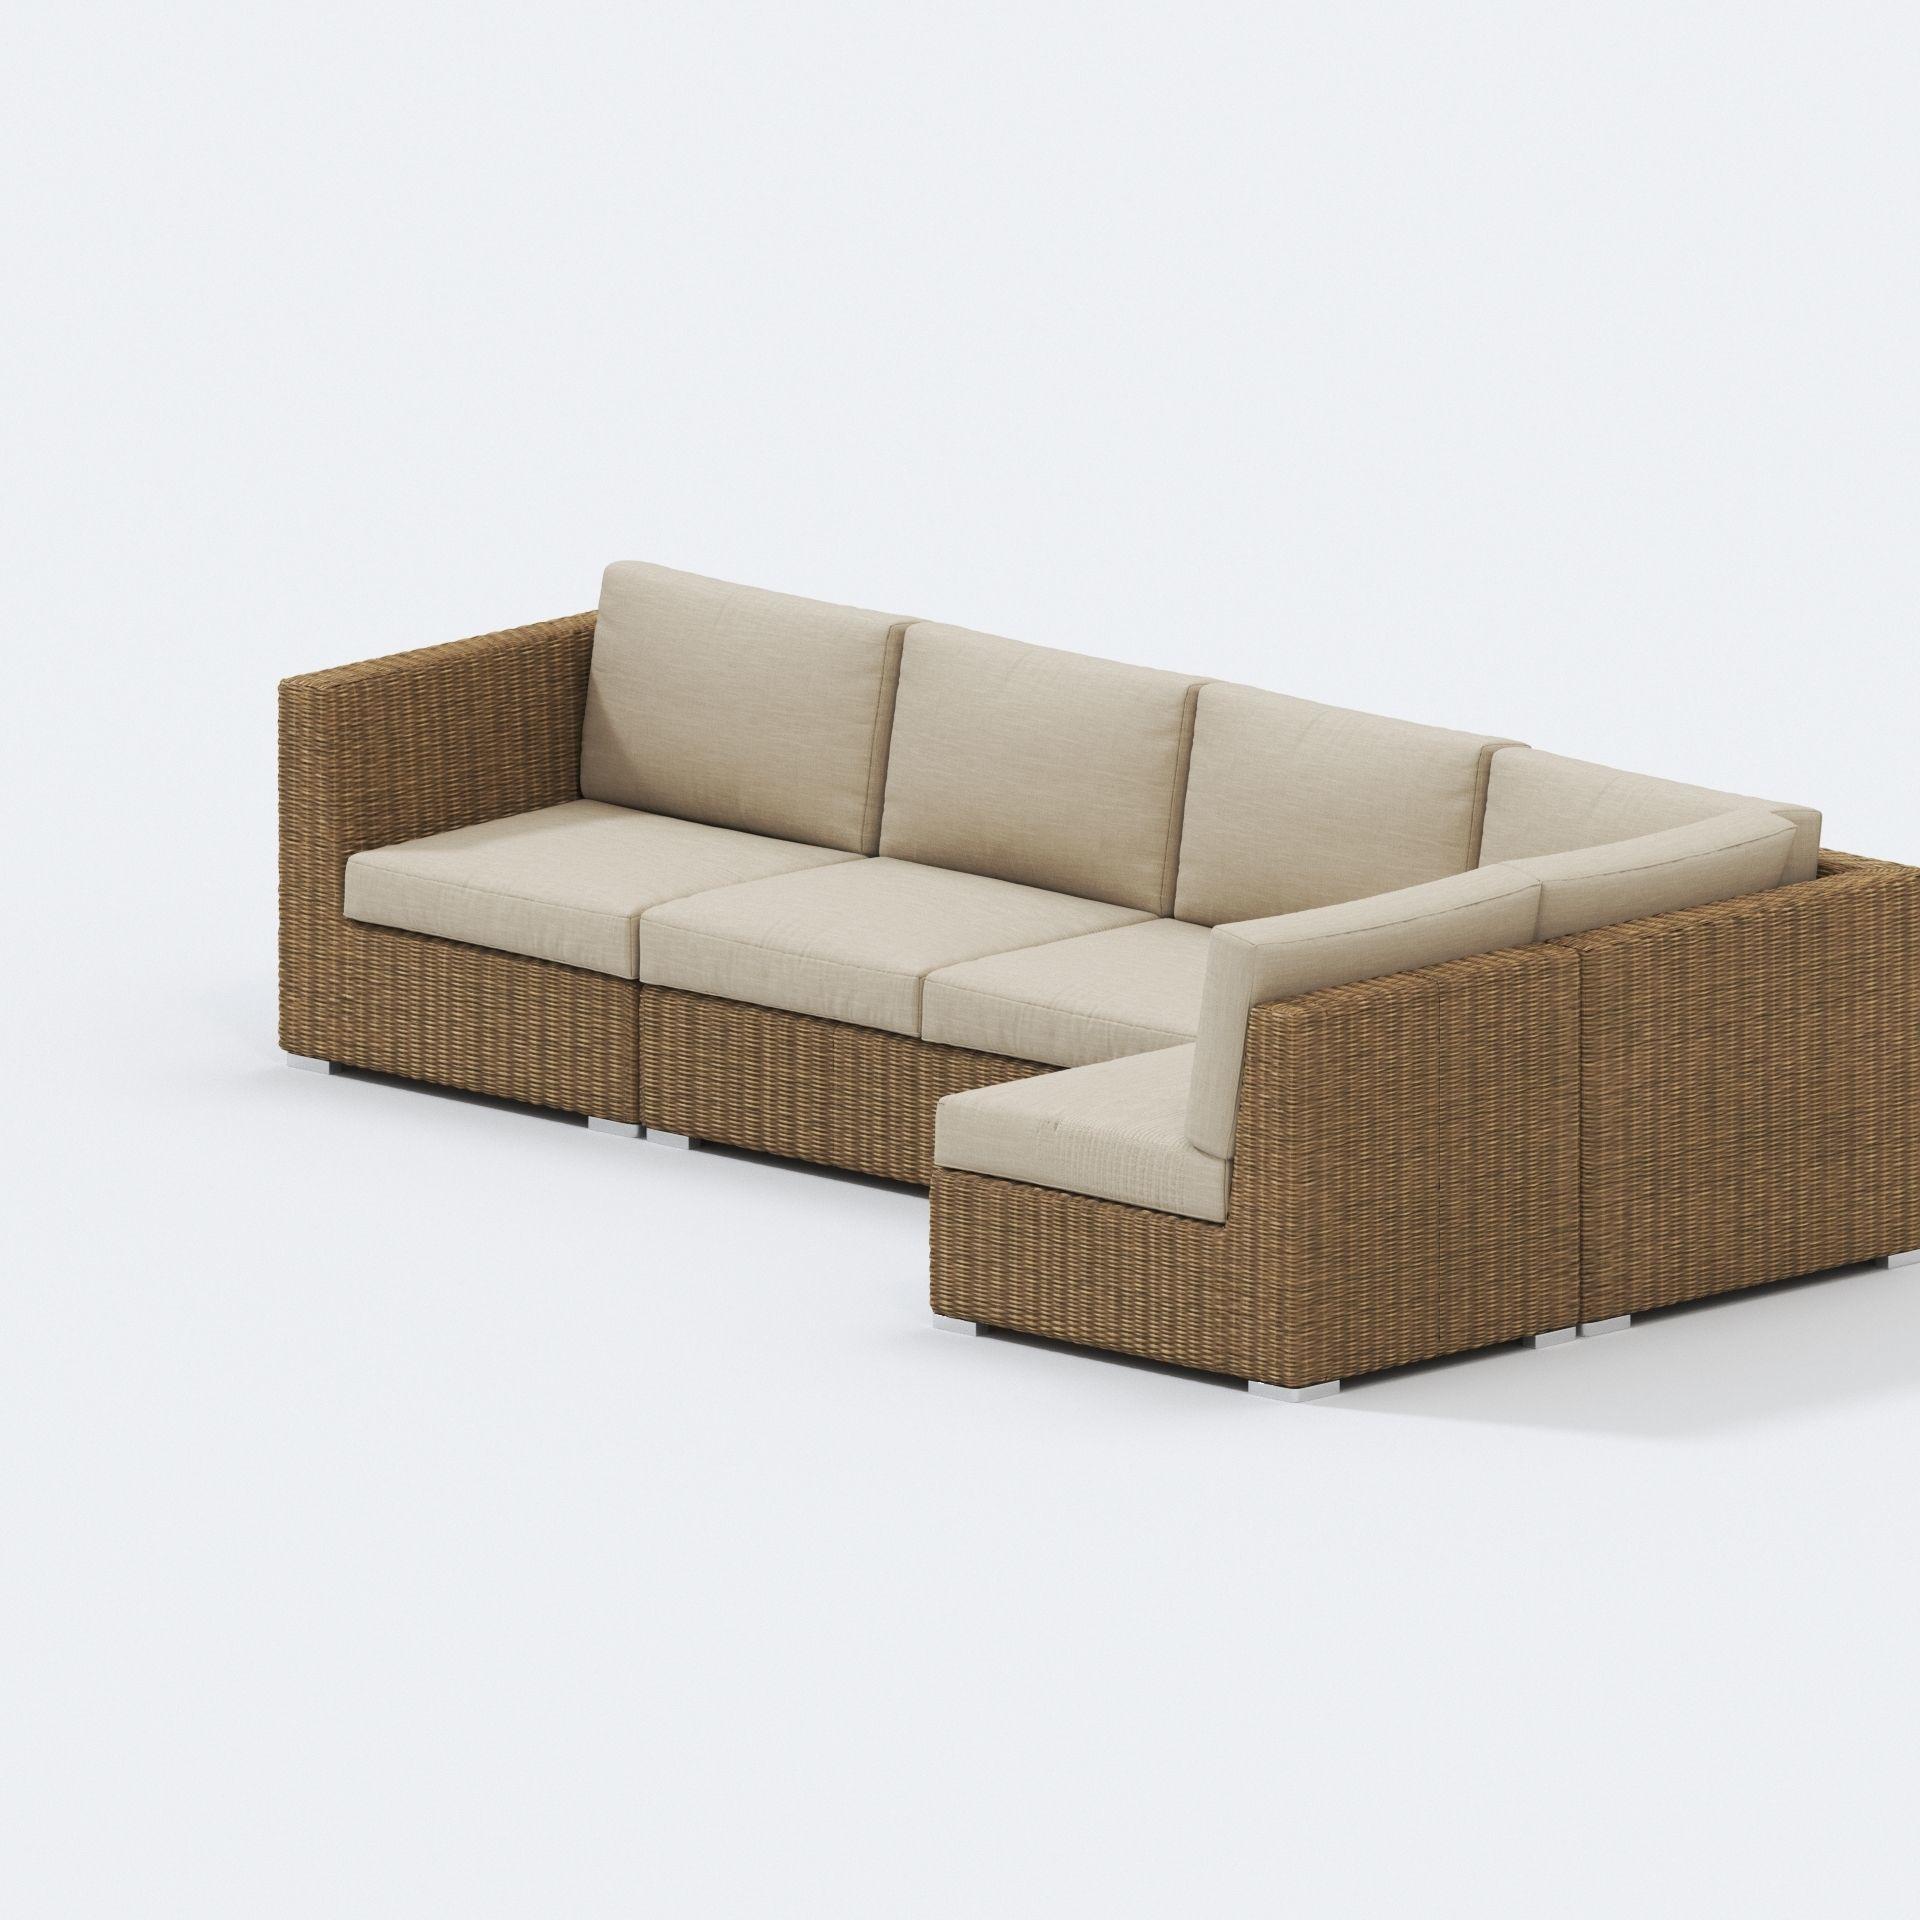 teak warehouse paulo outdoor wicker sectional 3d model